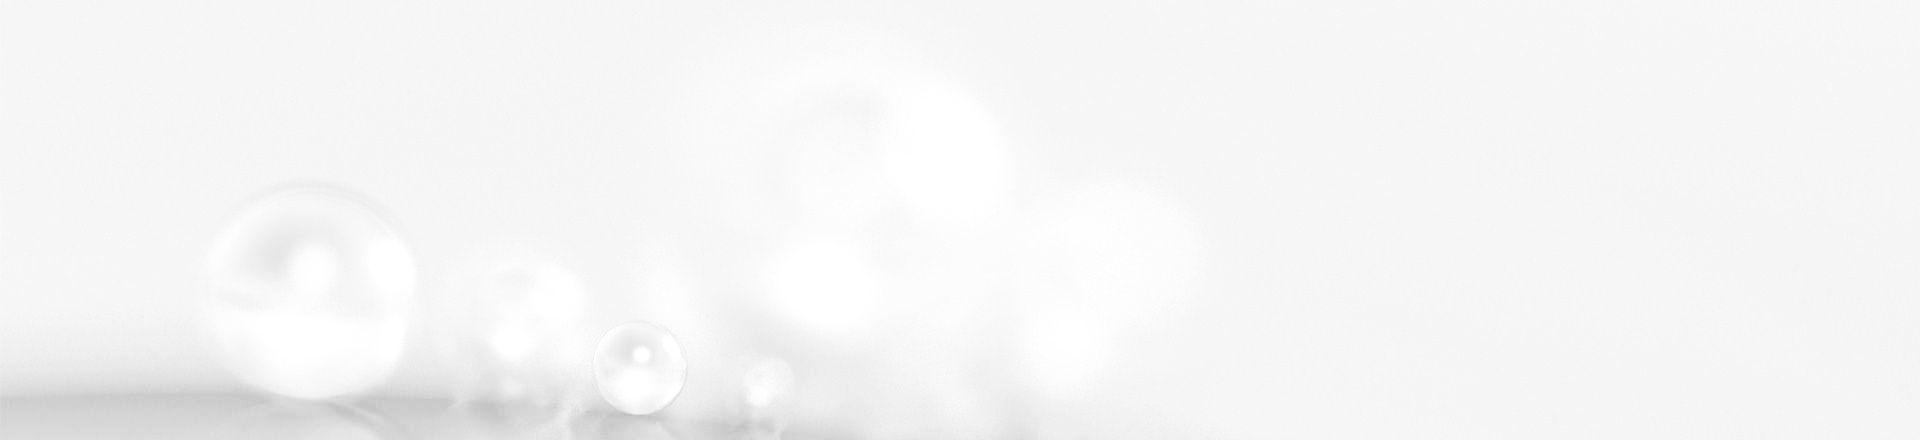 bg3-white